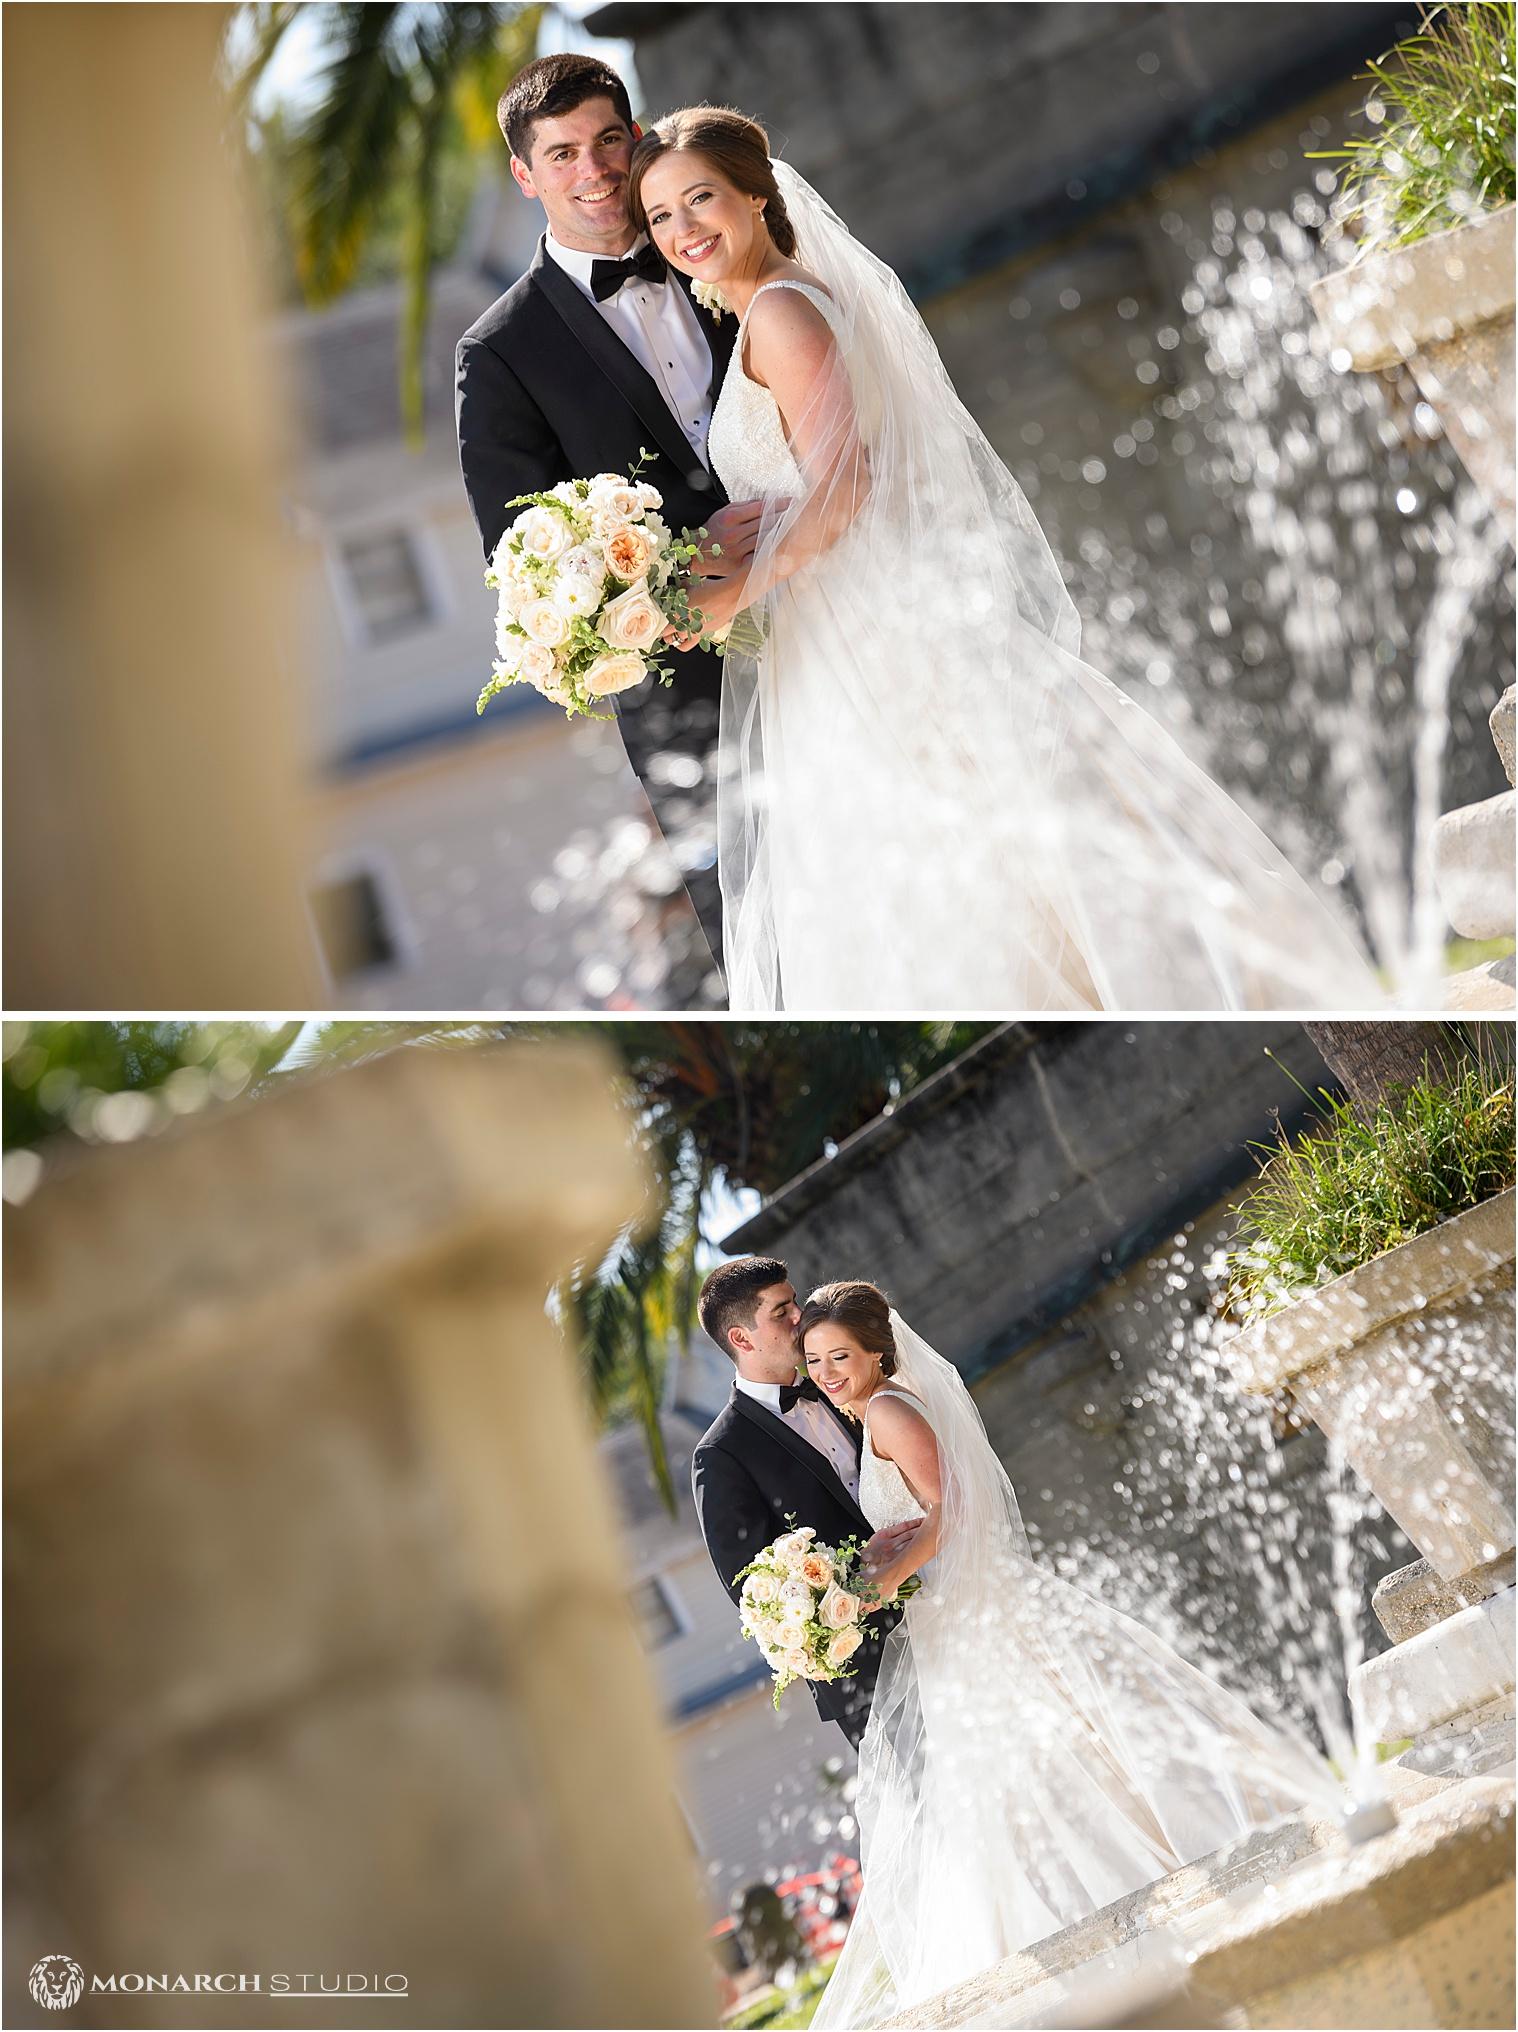 Wedding-PHotographer-in-st-augustine-2019-067.jpg